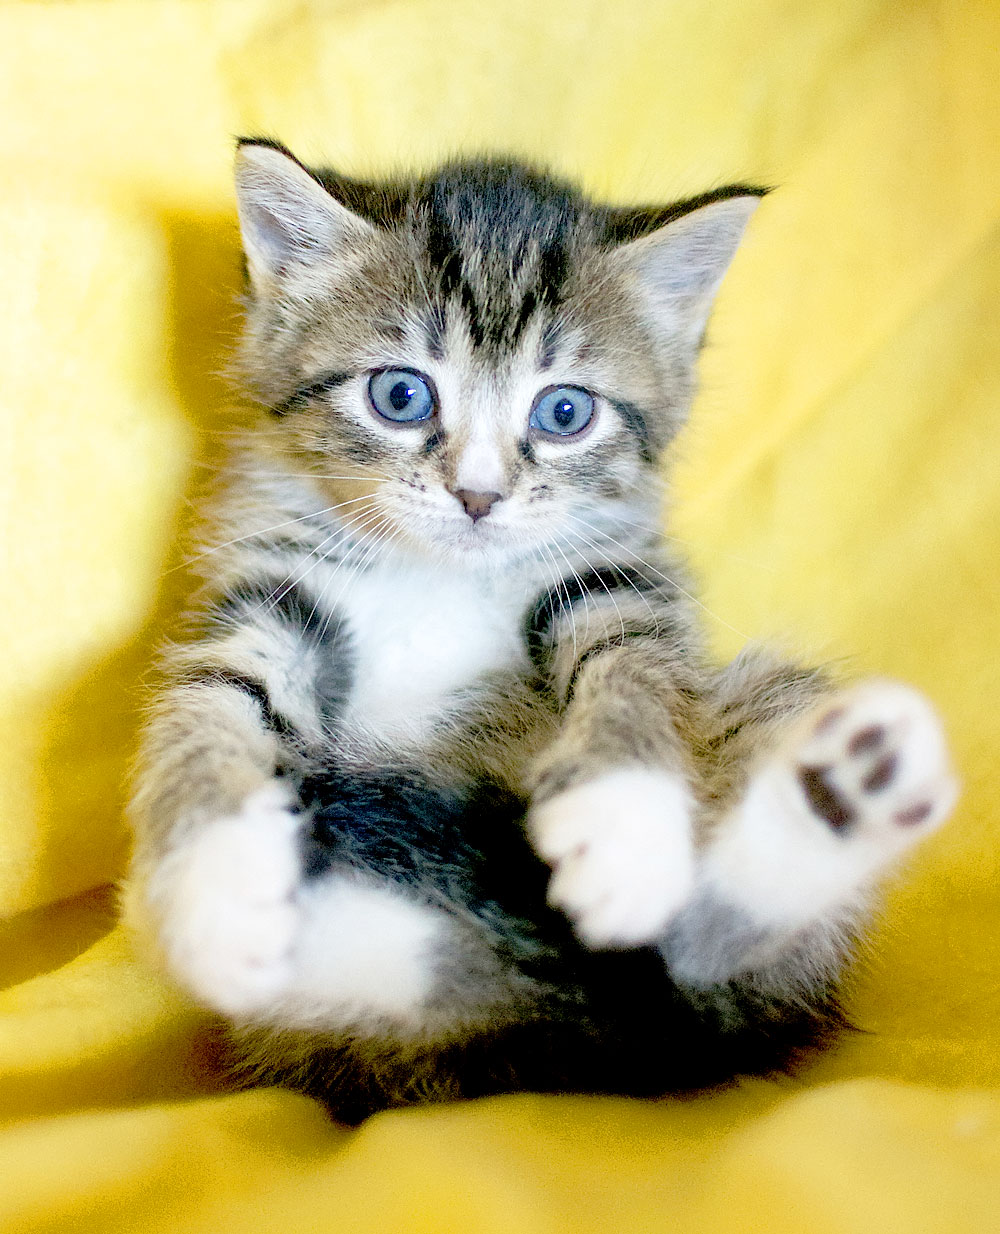 Tabbykatze mit blauen Augen